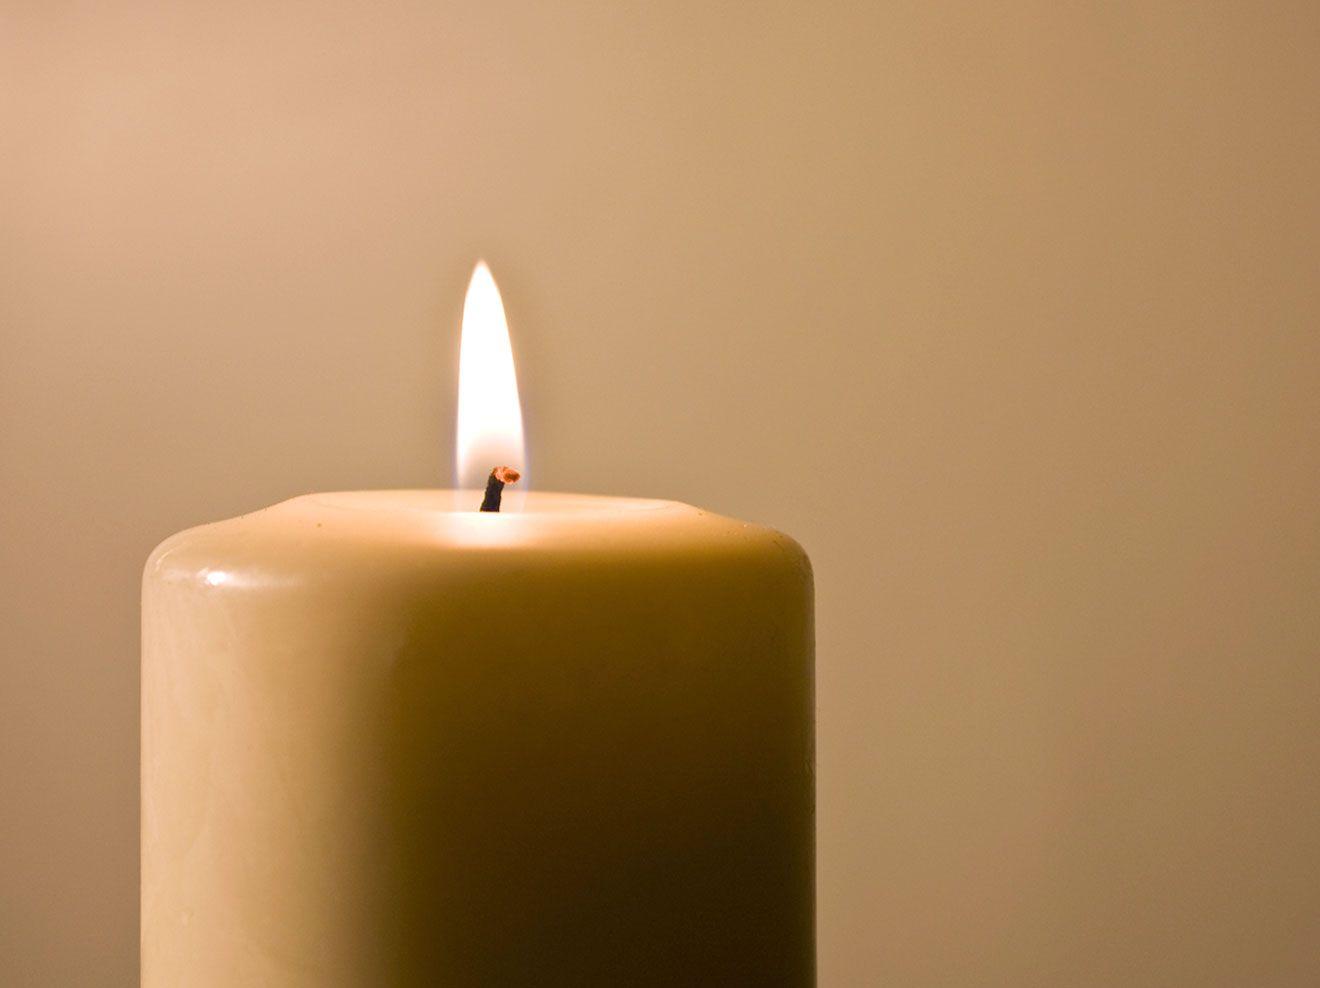 Wir verraten Ihnen wertvolle Tipps, wie Ihre Kerzen deutlich länger und außerdem viel gleichmäßiger abbrennen als zuvor.